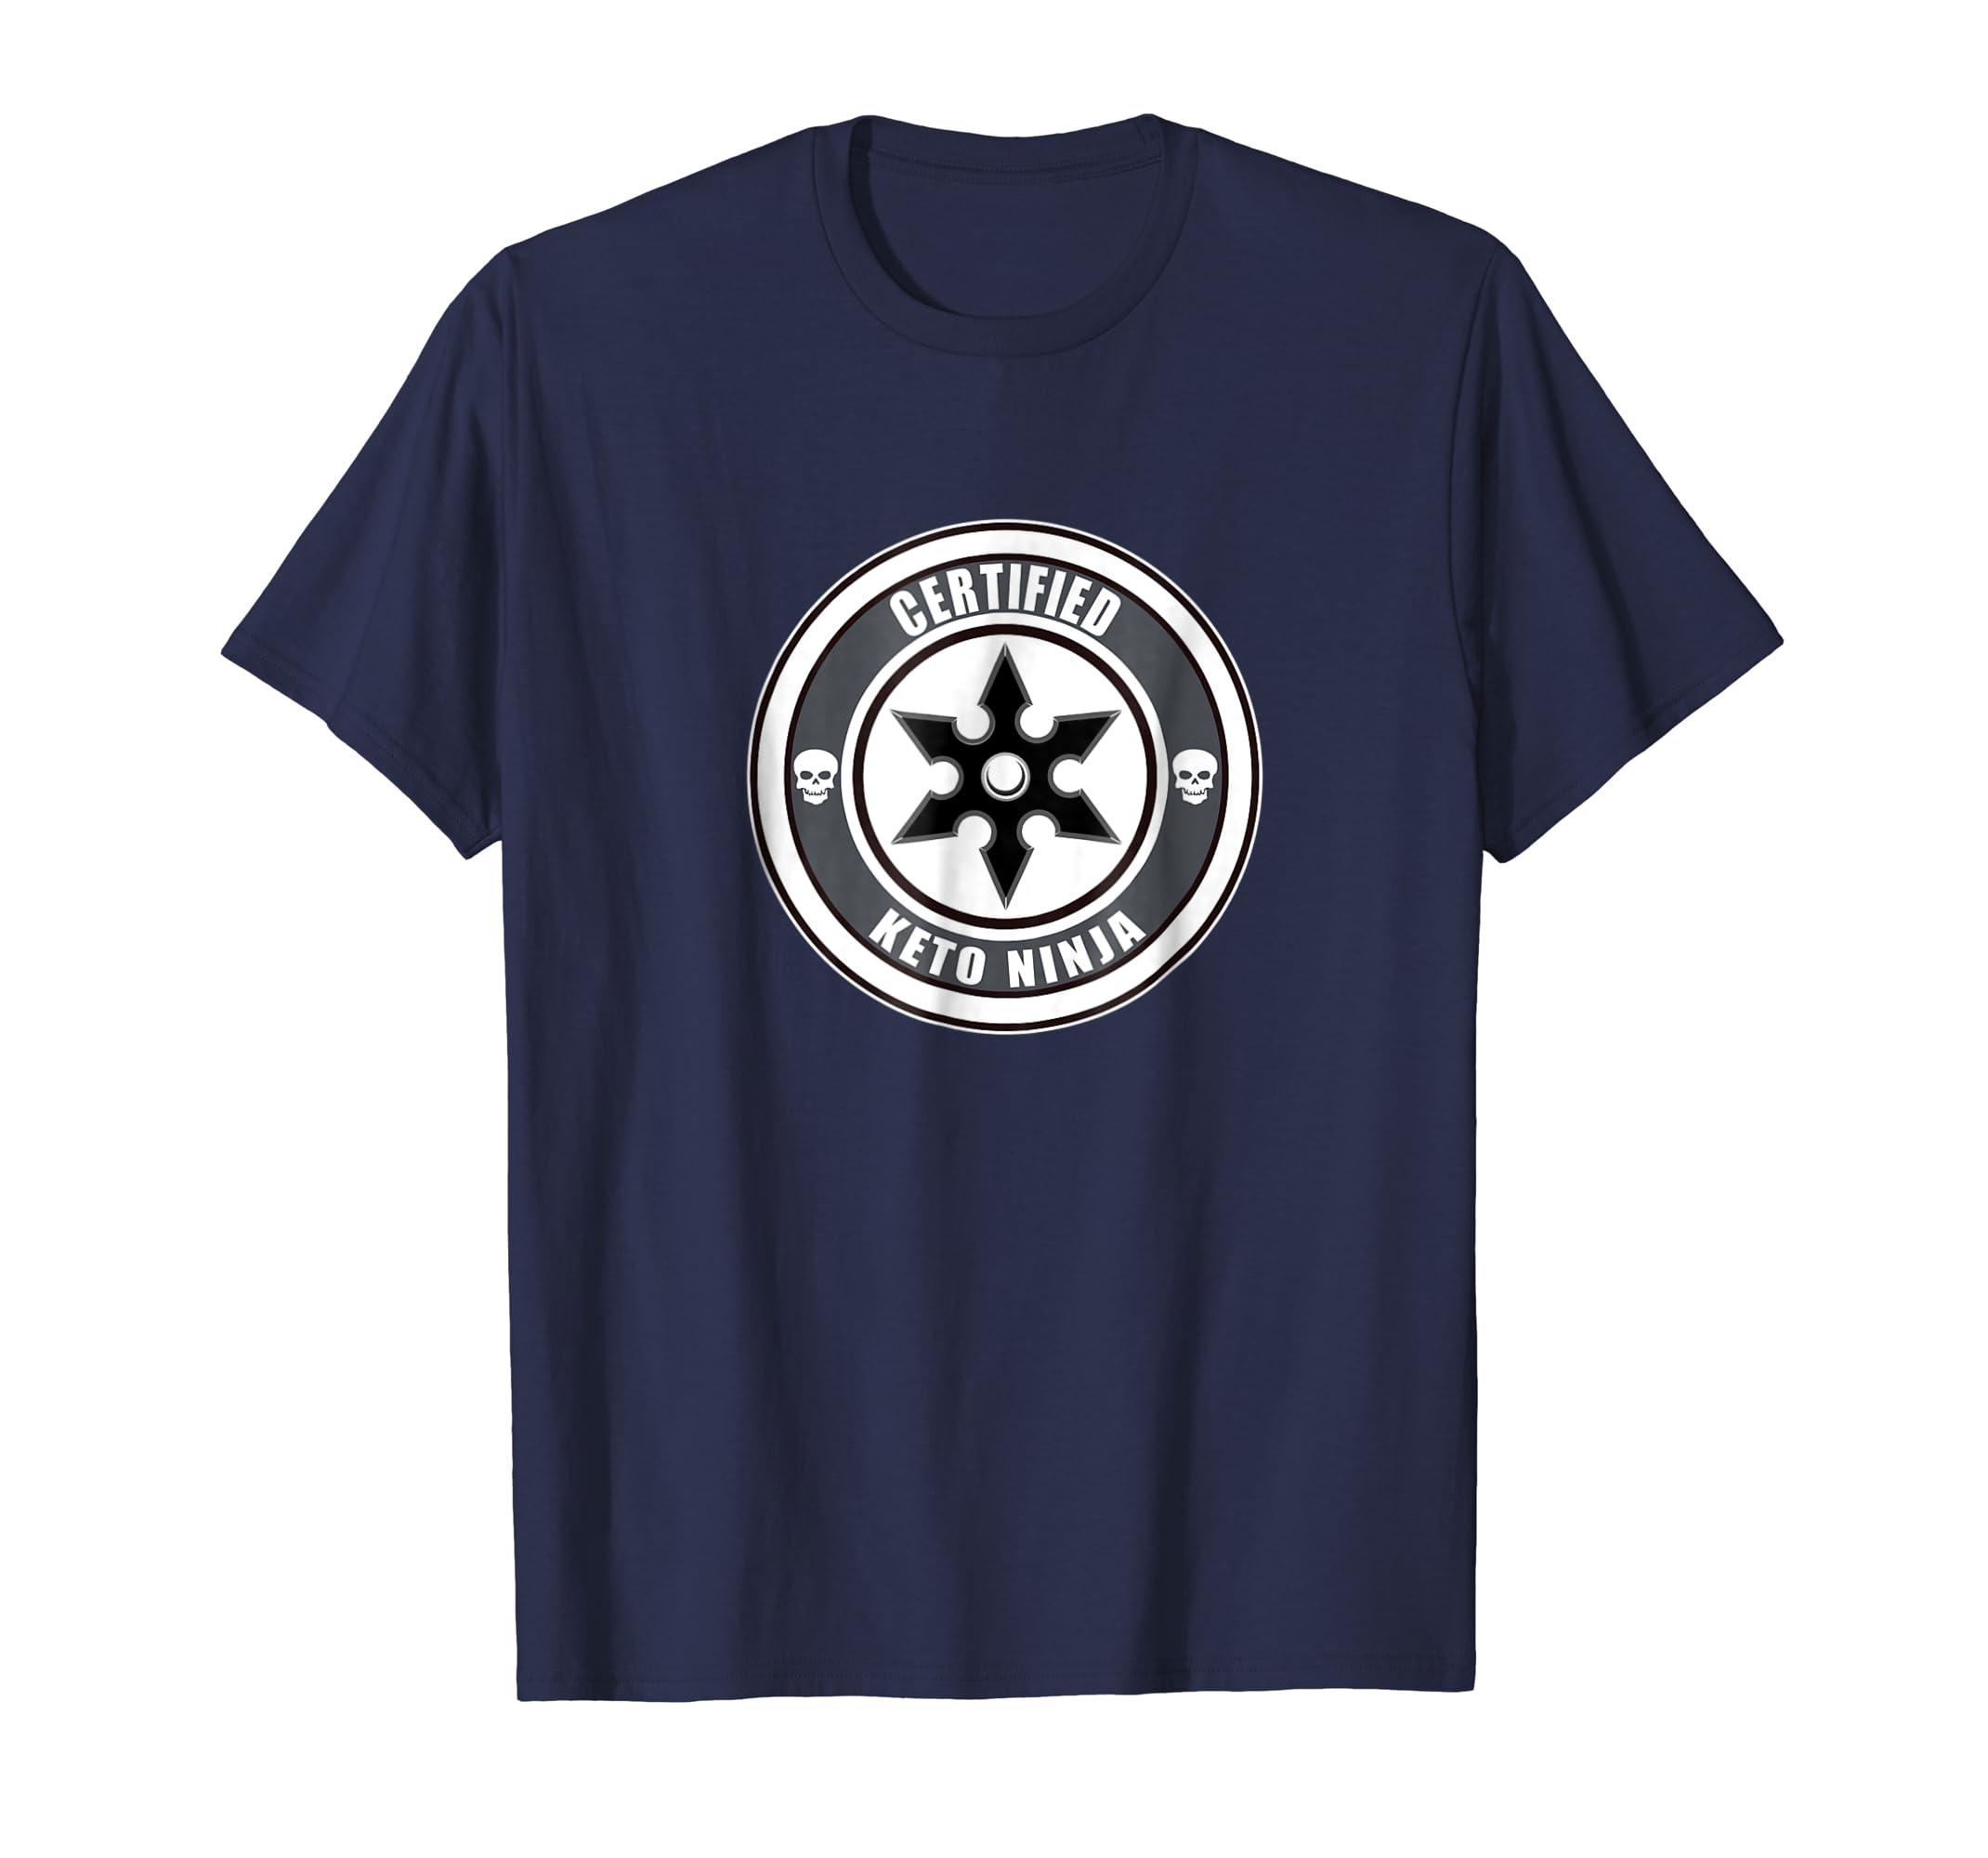 Amazon.com: Keto TShirt Certified Keto Ninja Shirt: Clothing